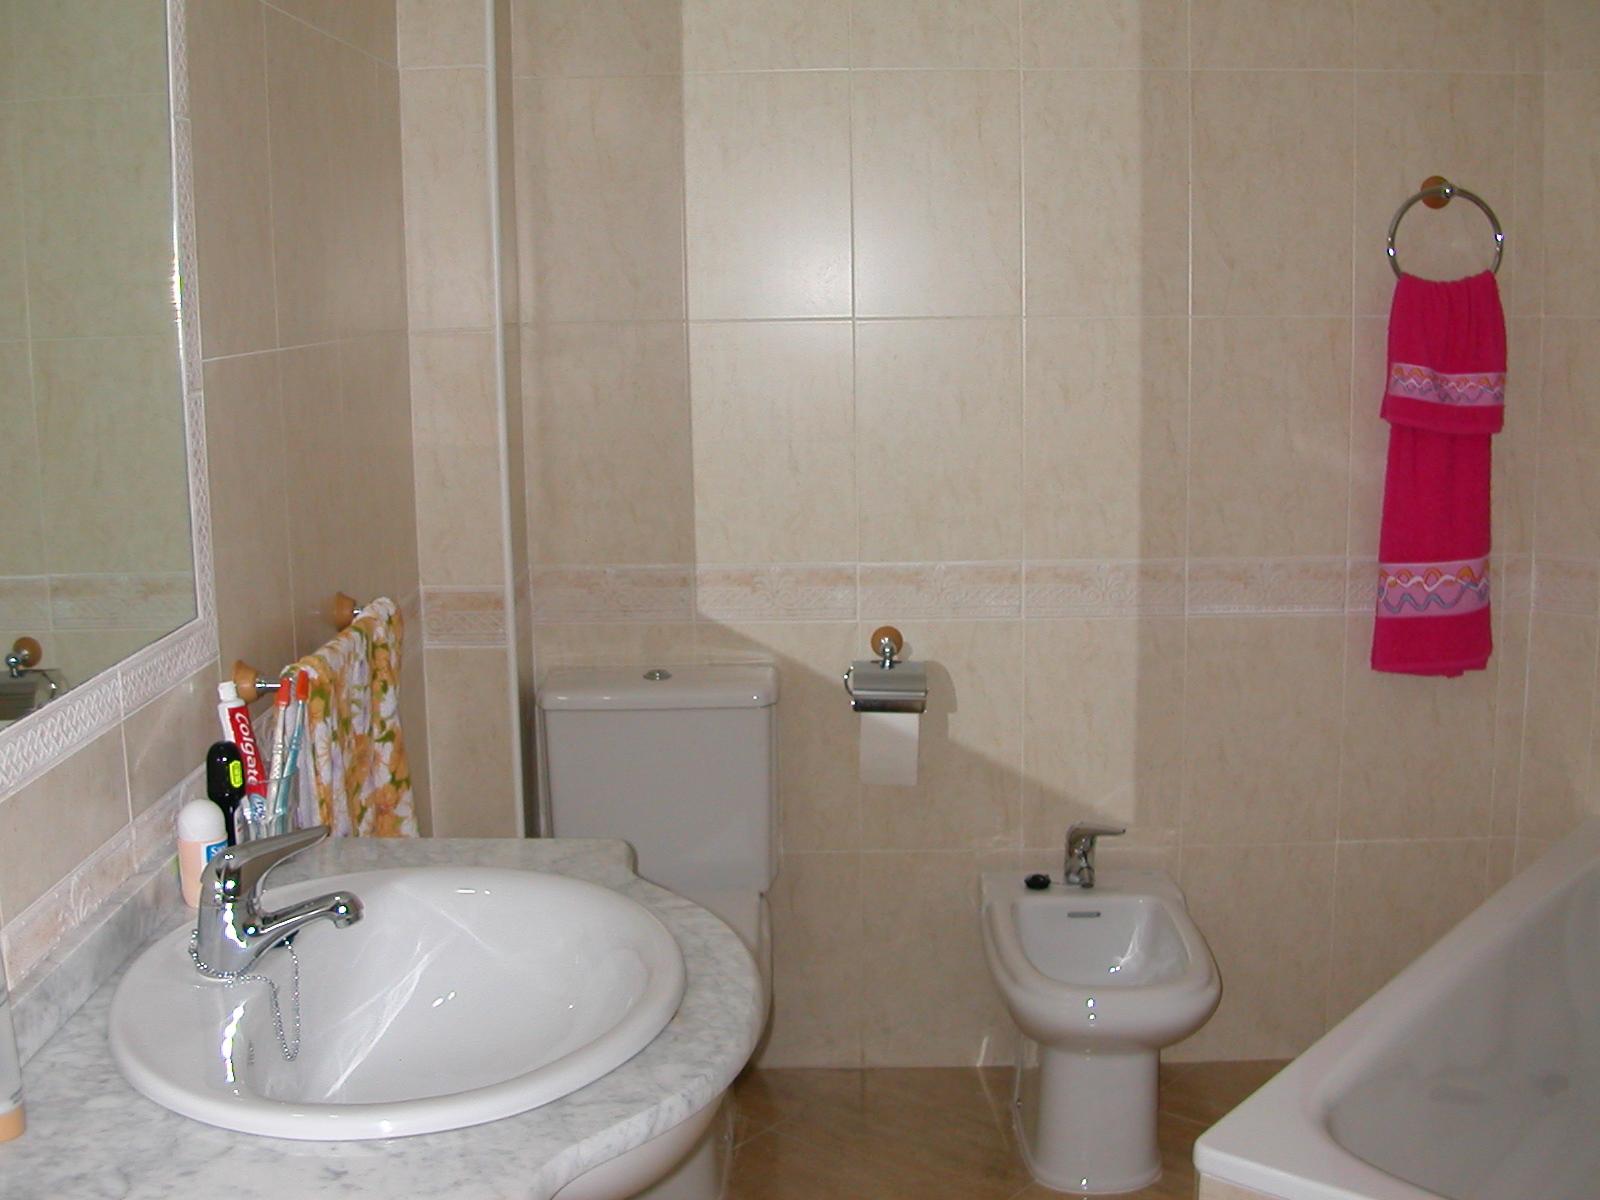 Accesorios De Baño Colocados: de matrimonio de 5'15 m2Ambos cuartos de baño tienen los accesorios